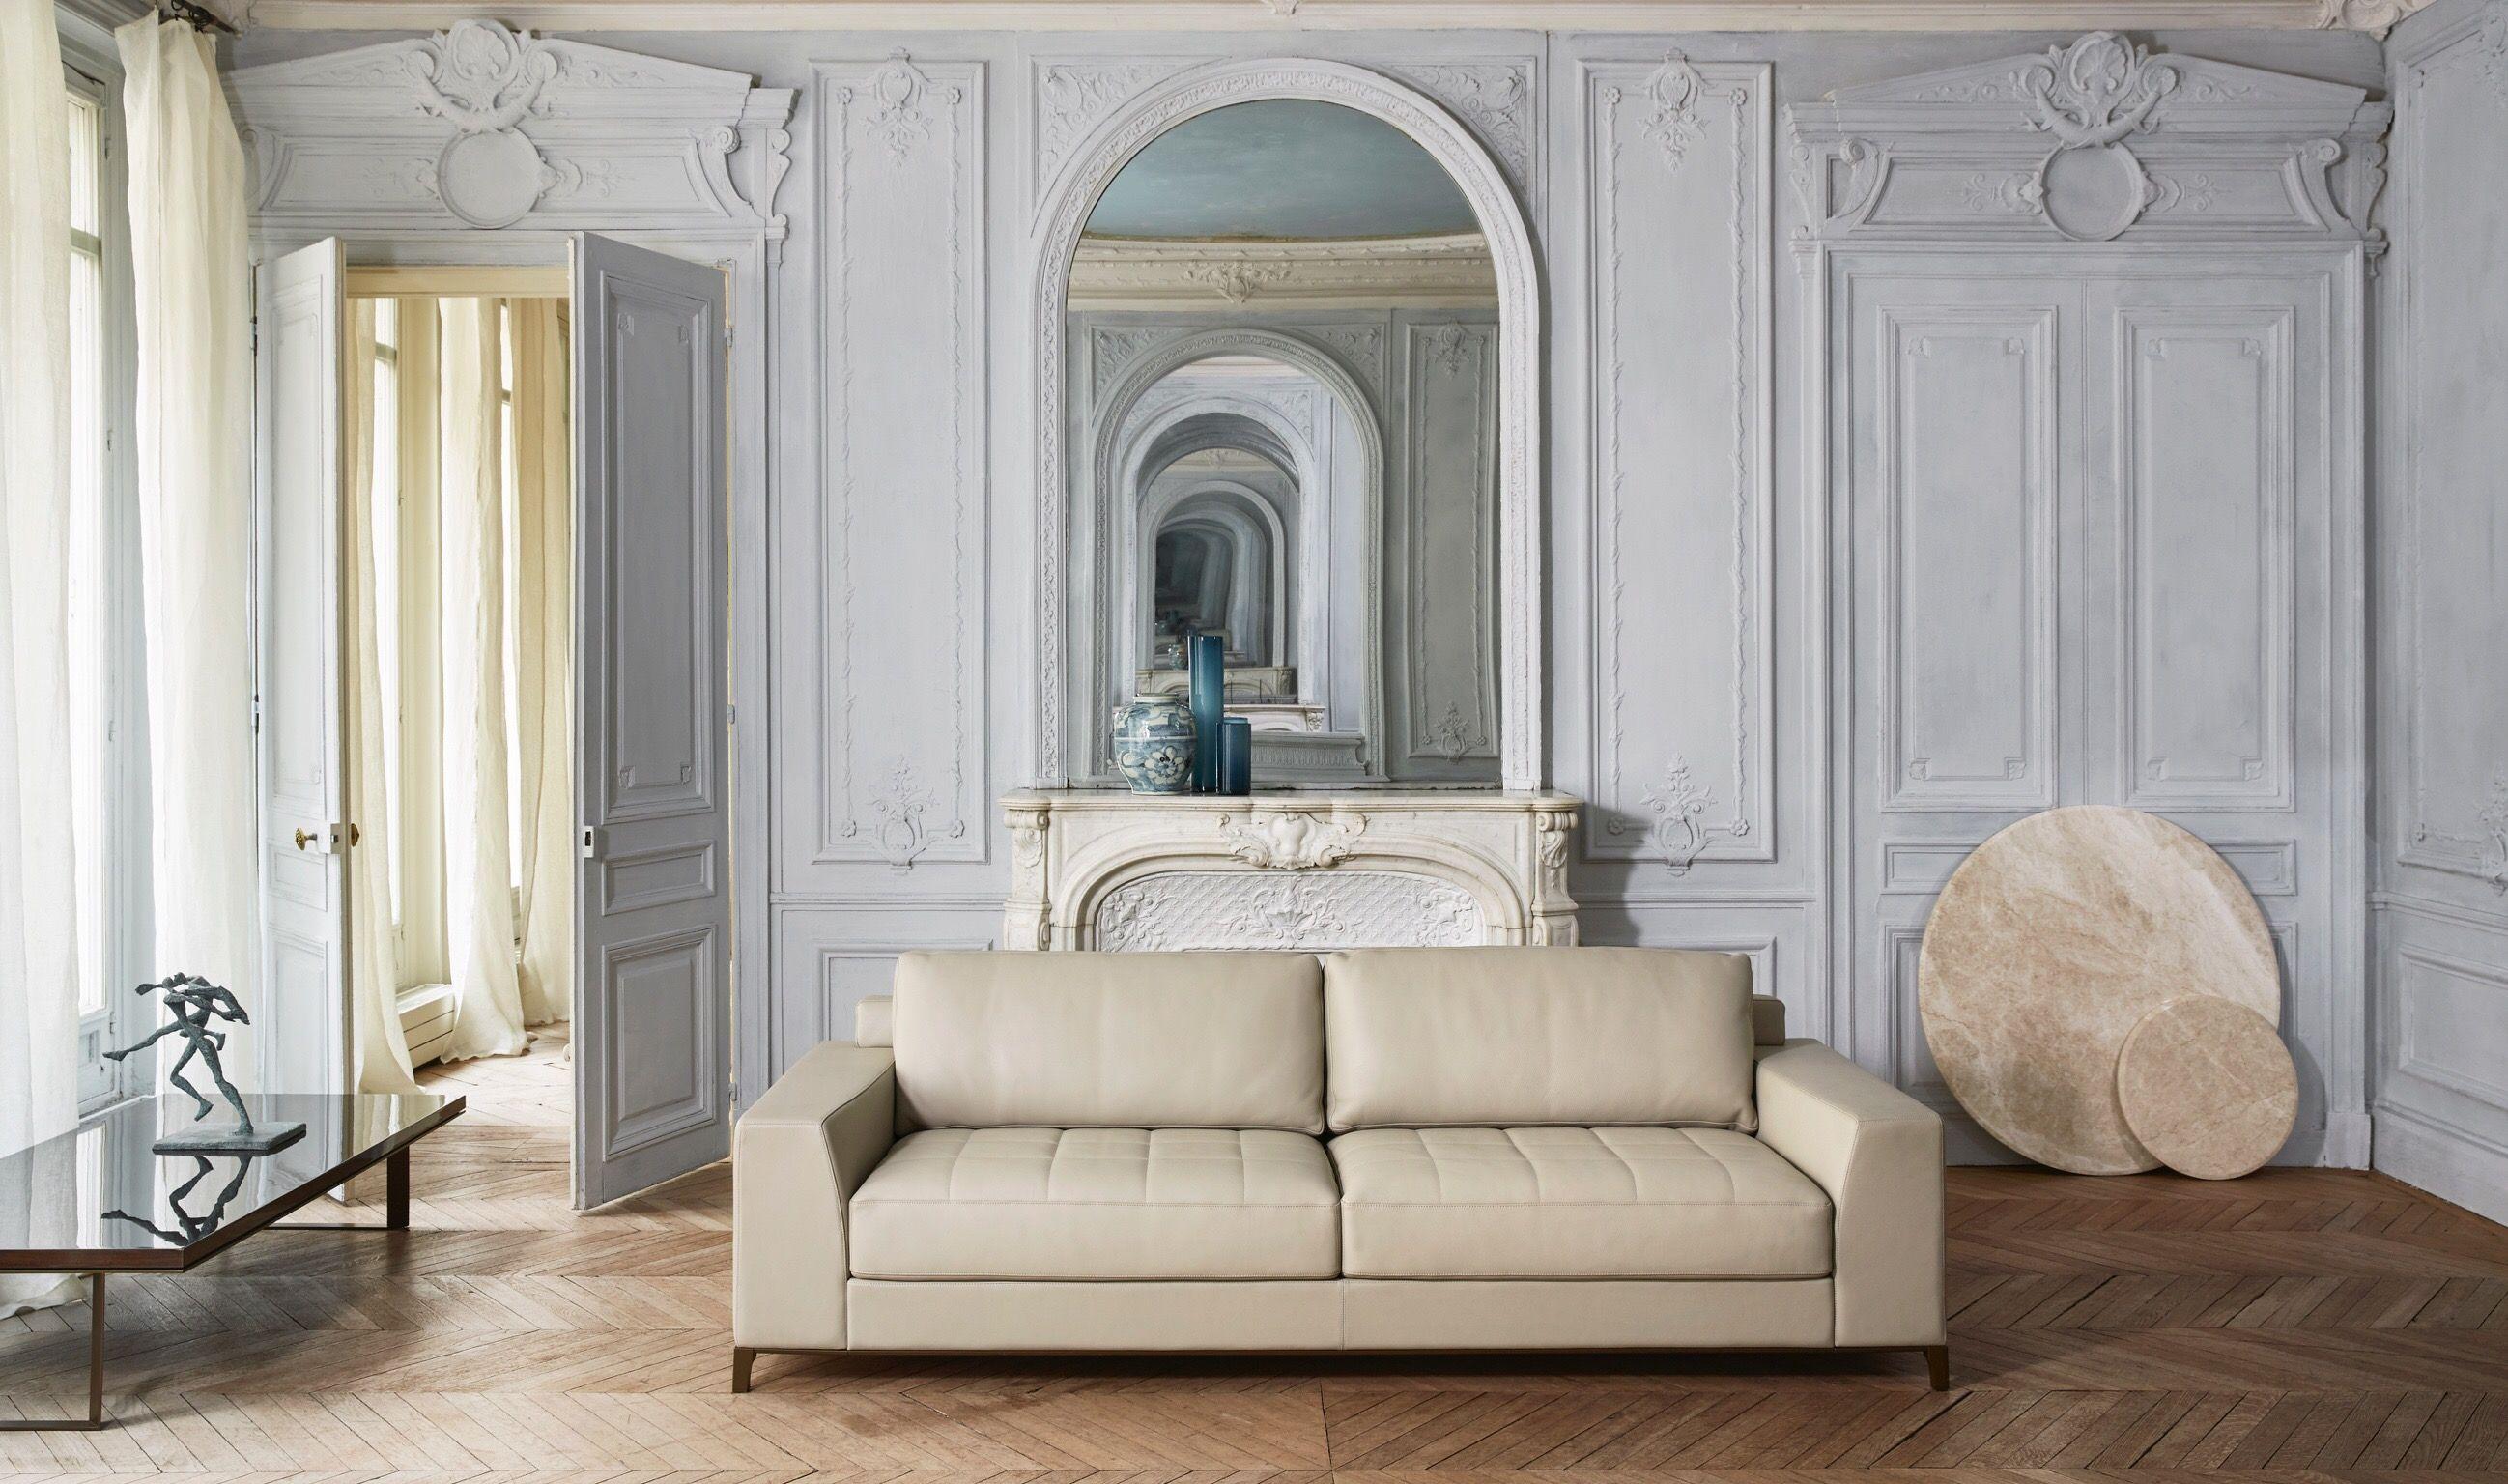 Paris Sofa With Metal Bronze Base From Hugueschevalier Canape Design Hugues Chevalier Mobilier Contemporain